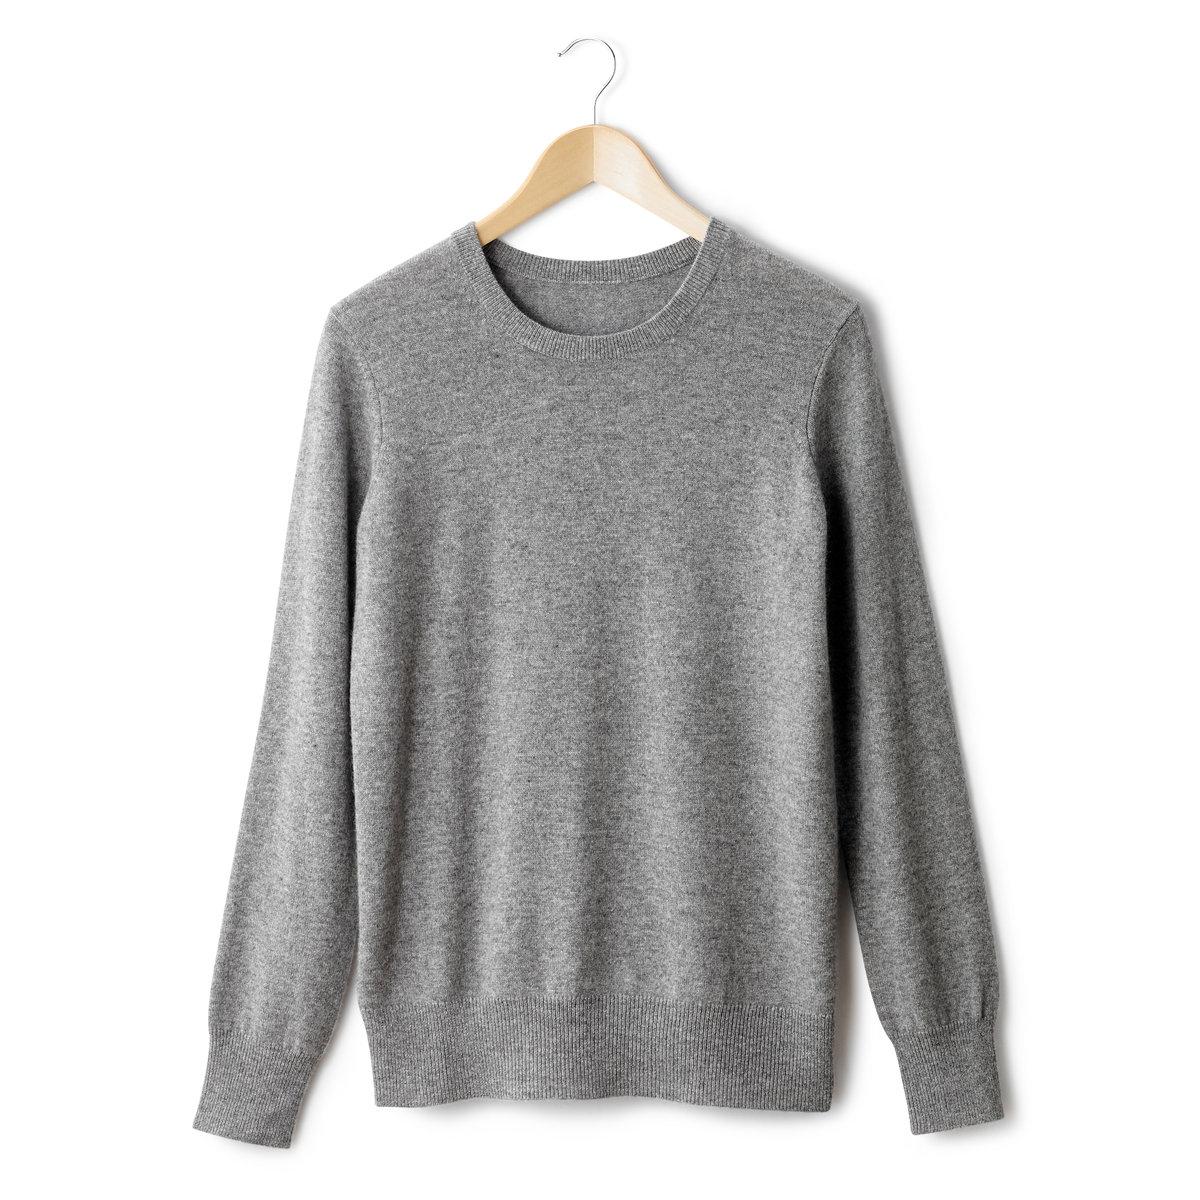 Купить со скидкой Пуловер с круглым вырезом, 100% кашемира